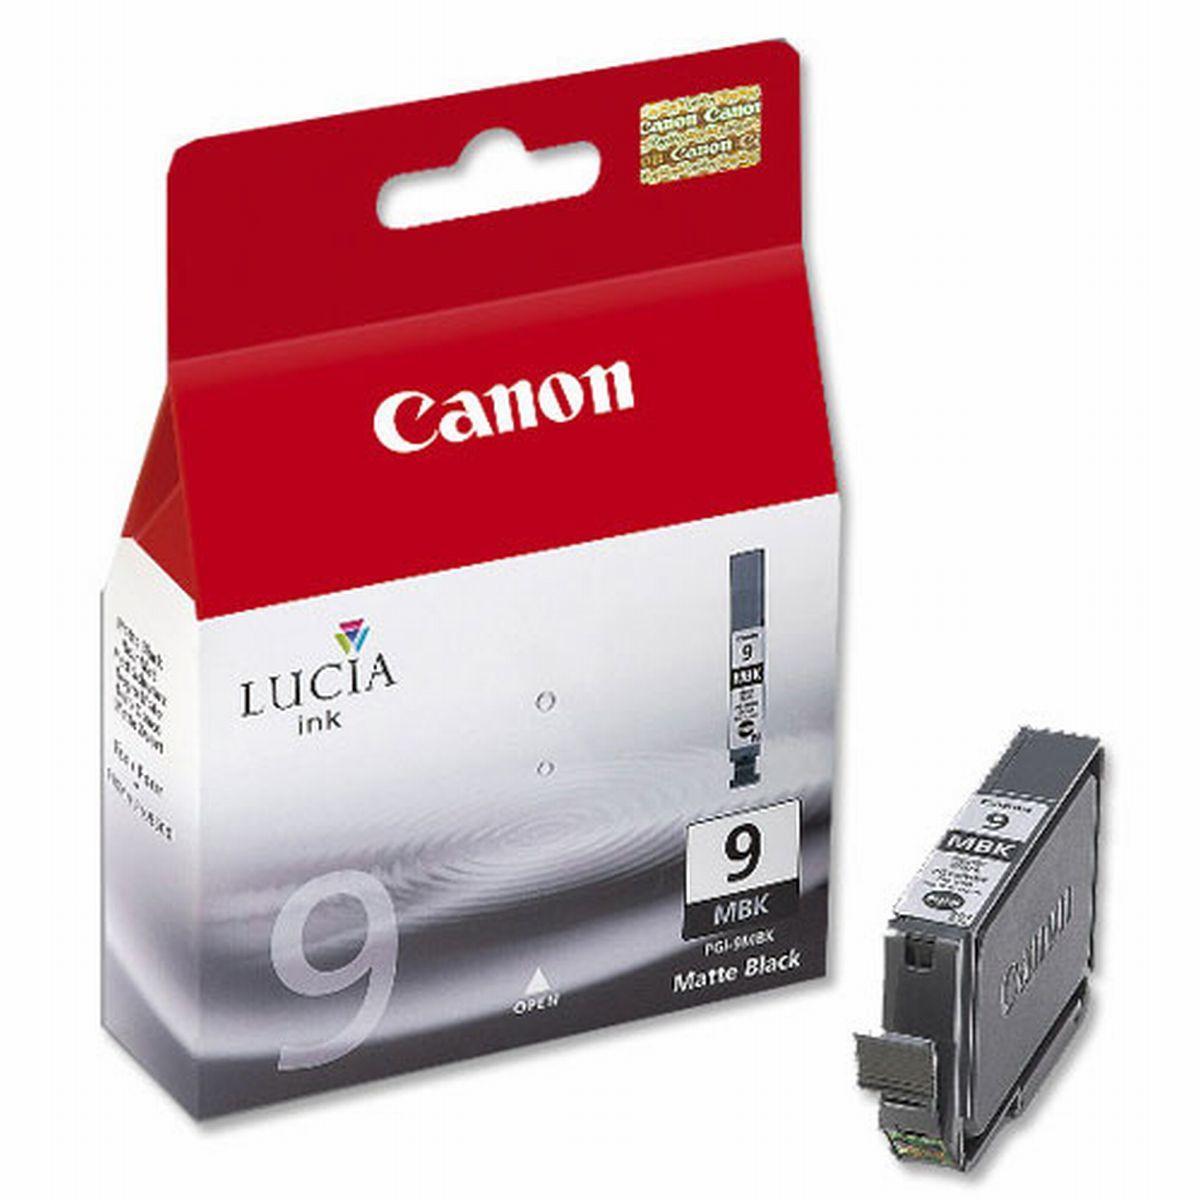 Cartridge Canon PGI-9GY, 1042B001 (Šedá) - originálný